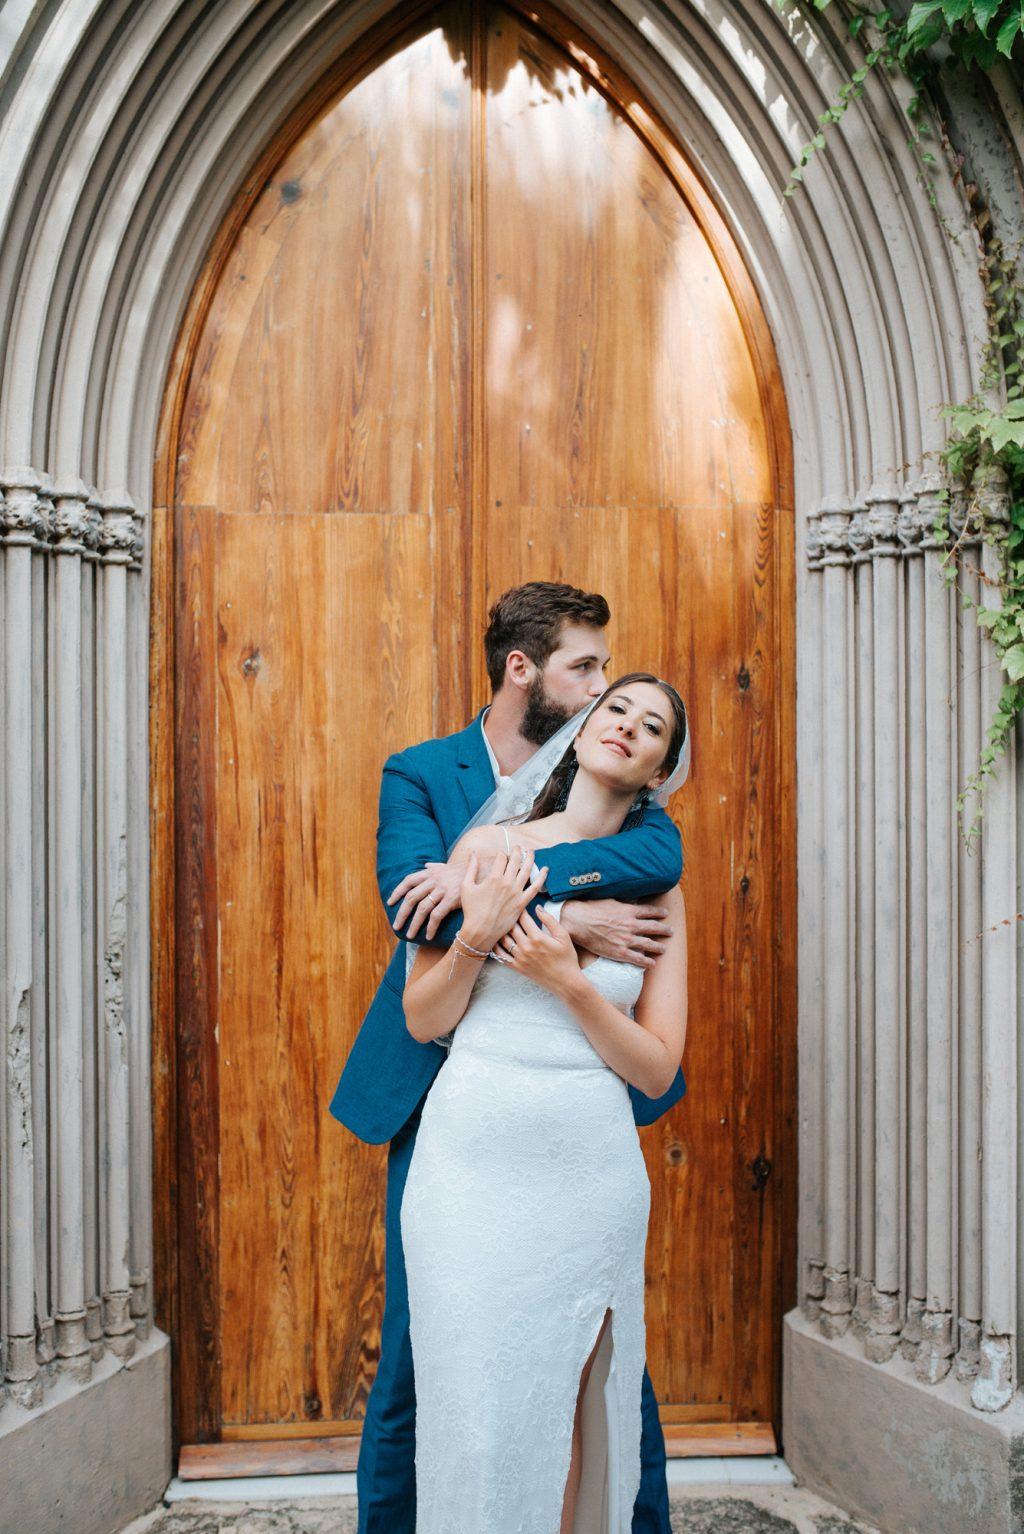 fotografos de boda dalthea 12 - Fotografía Natural y sin Posado con d'Althea